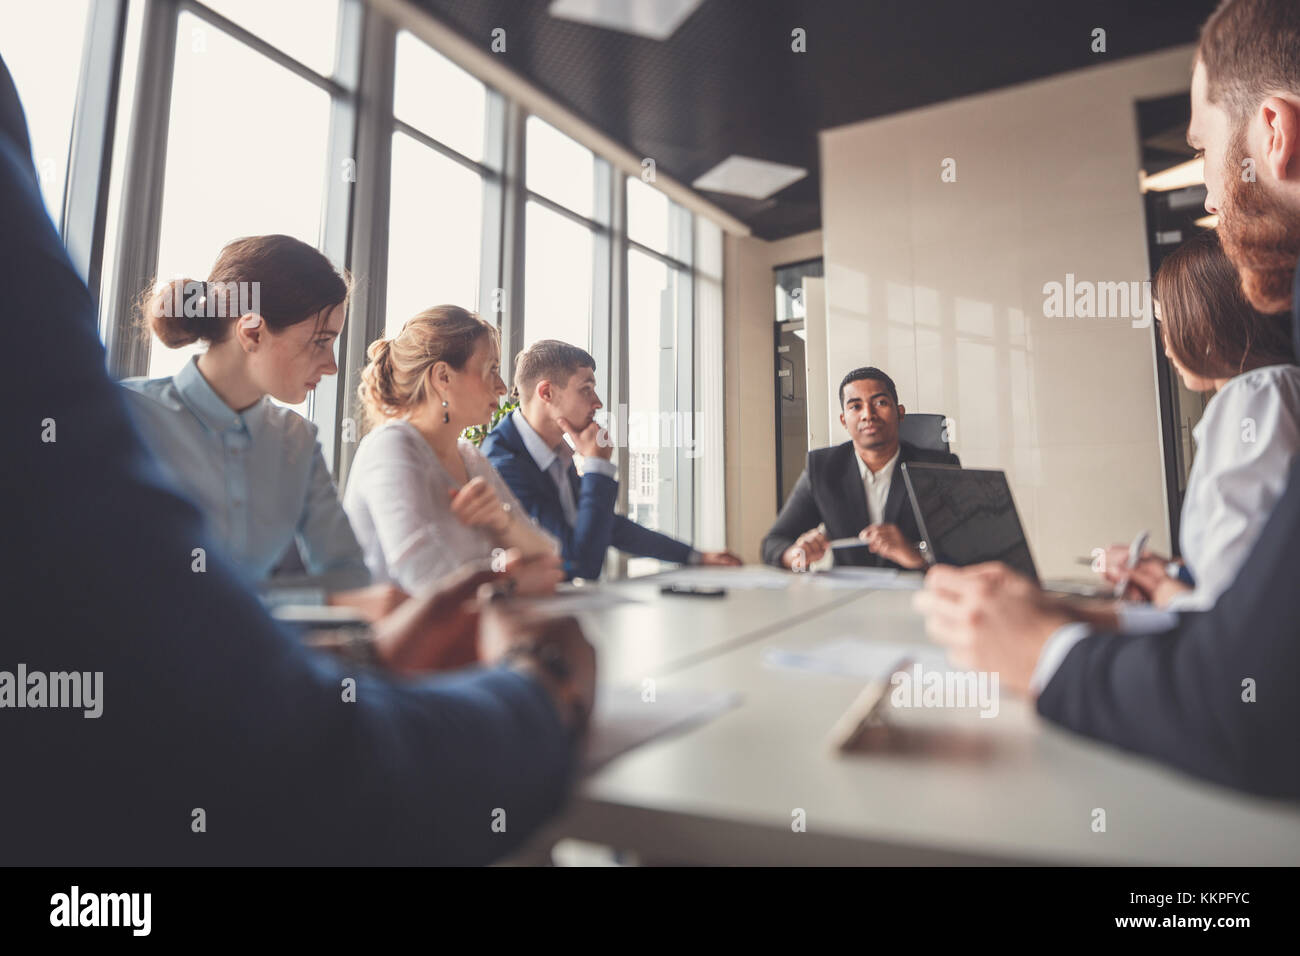 Schwarzer Führer des Menschen eine Rede in einem Konferenzraum. Stockbild